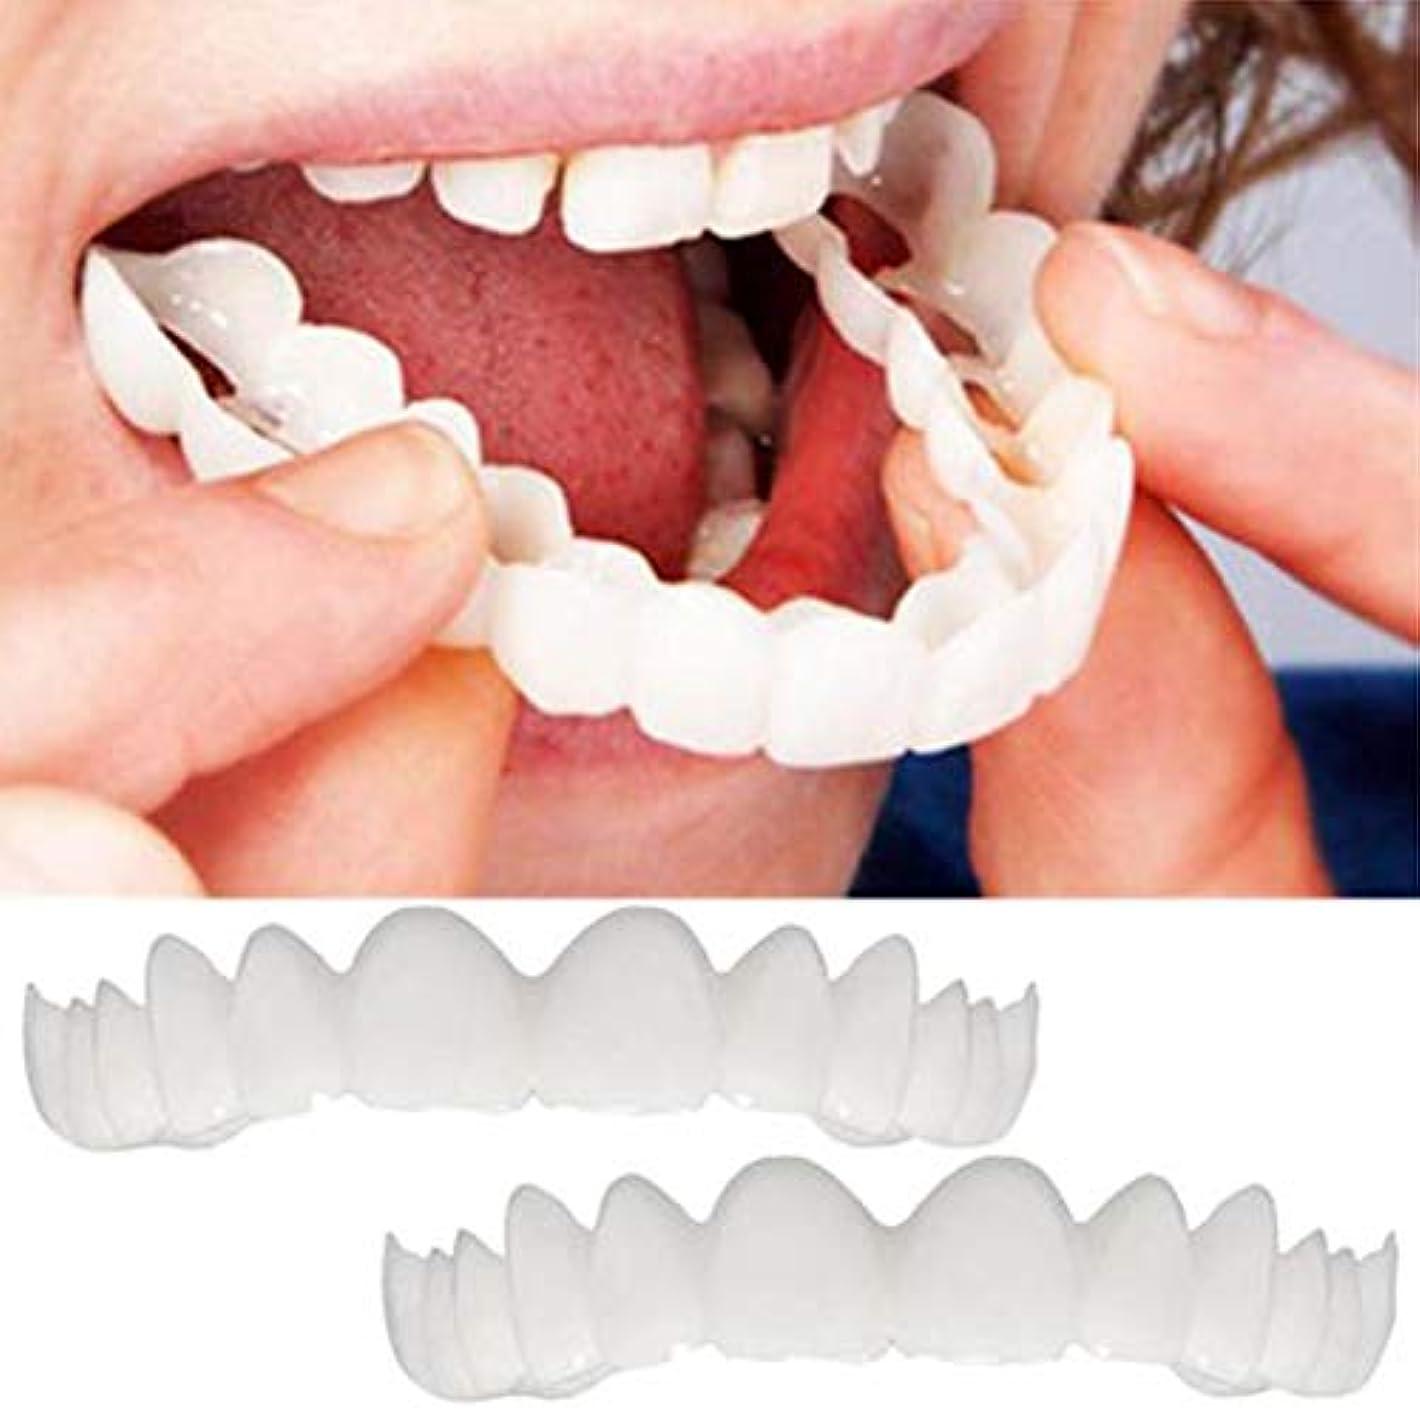 輸血カテゴリー計画化粧品の歯、白い歯をきれいにするための快適なフィットフレックス歯のソケット、超快適、快適なフィット感、2セット